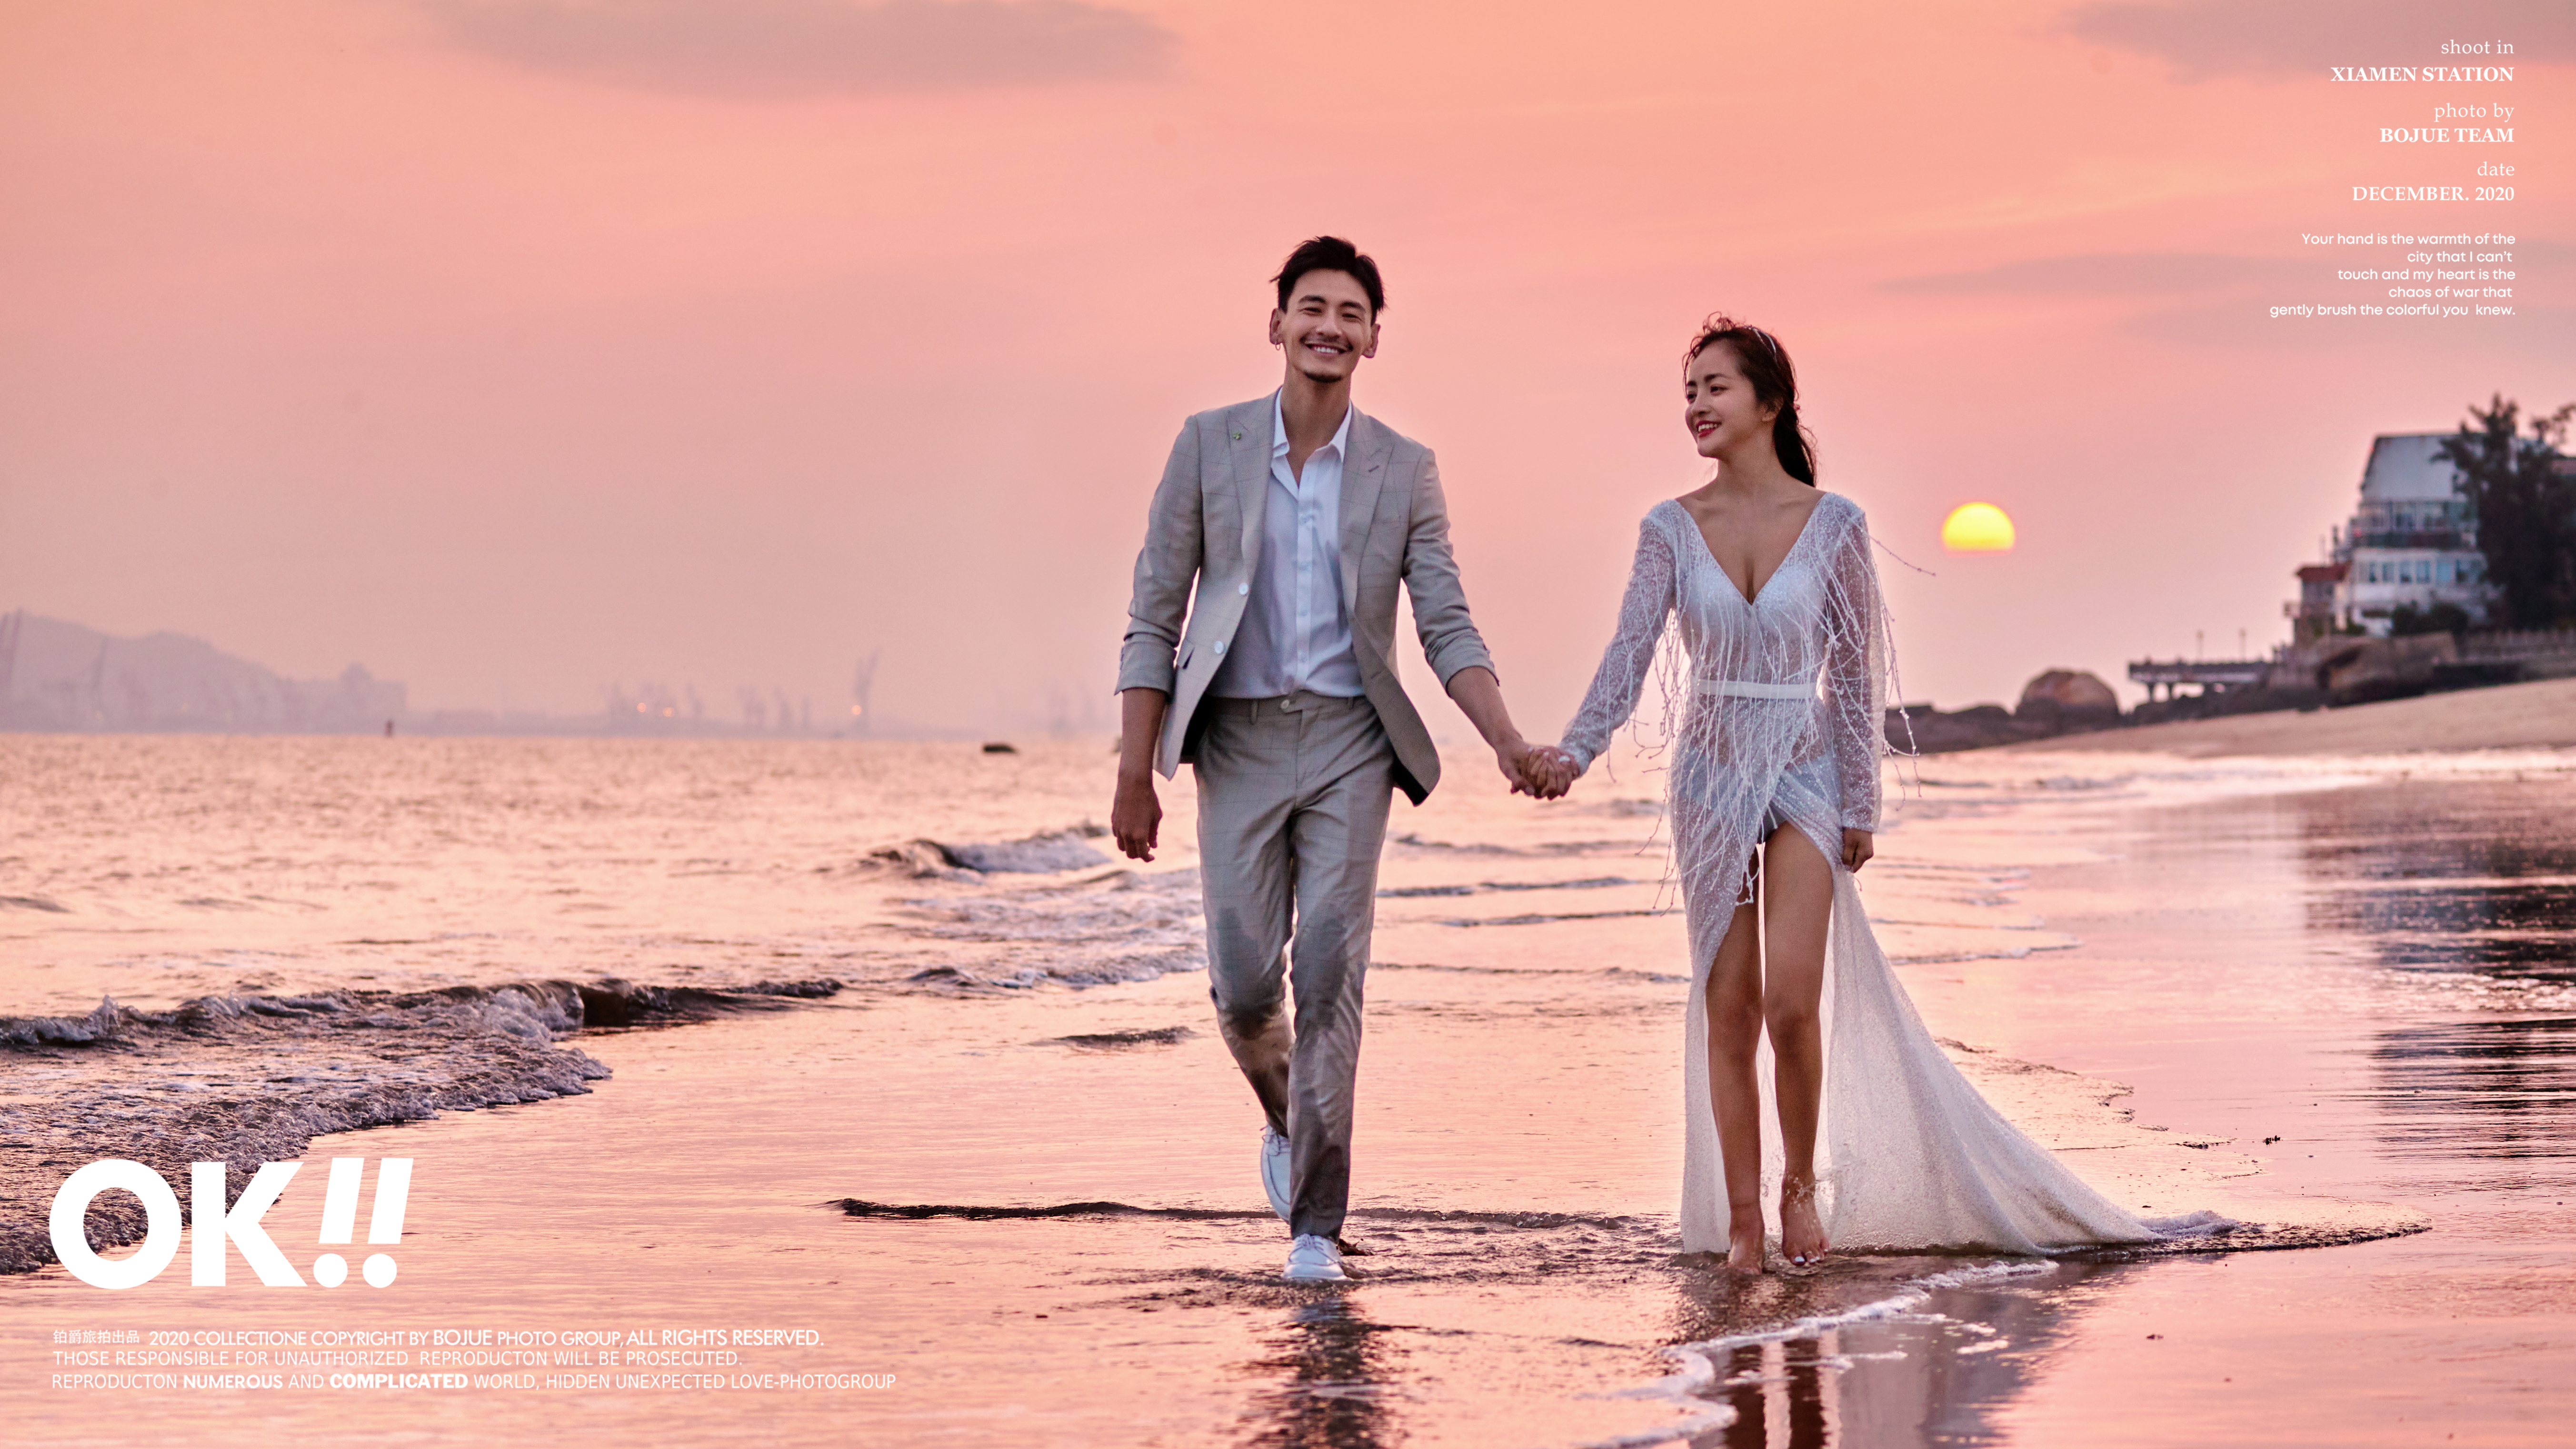 厦门海景婚纱照拍摄技巧 海景婚纱照怎么拍好看